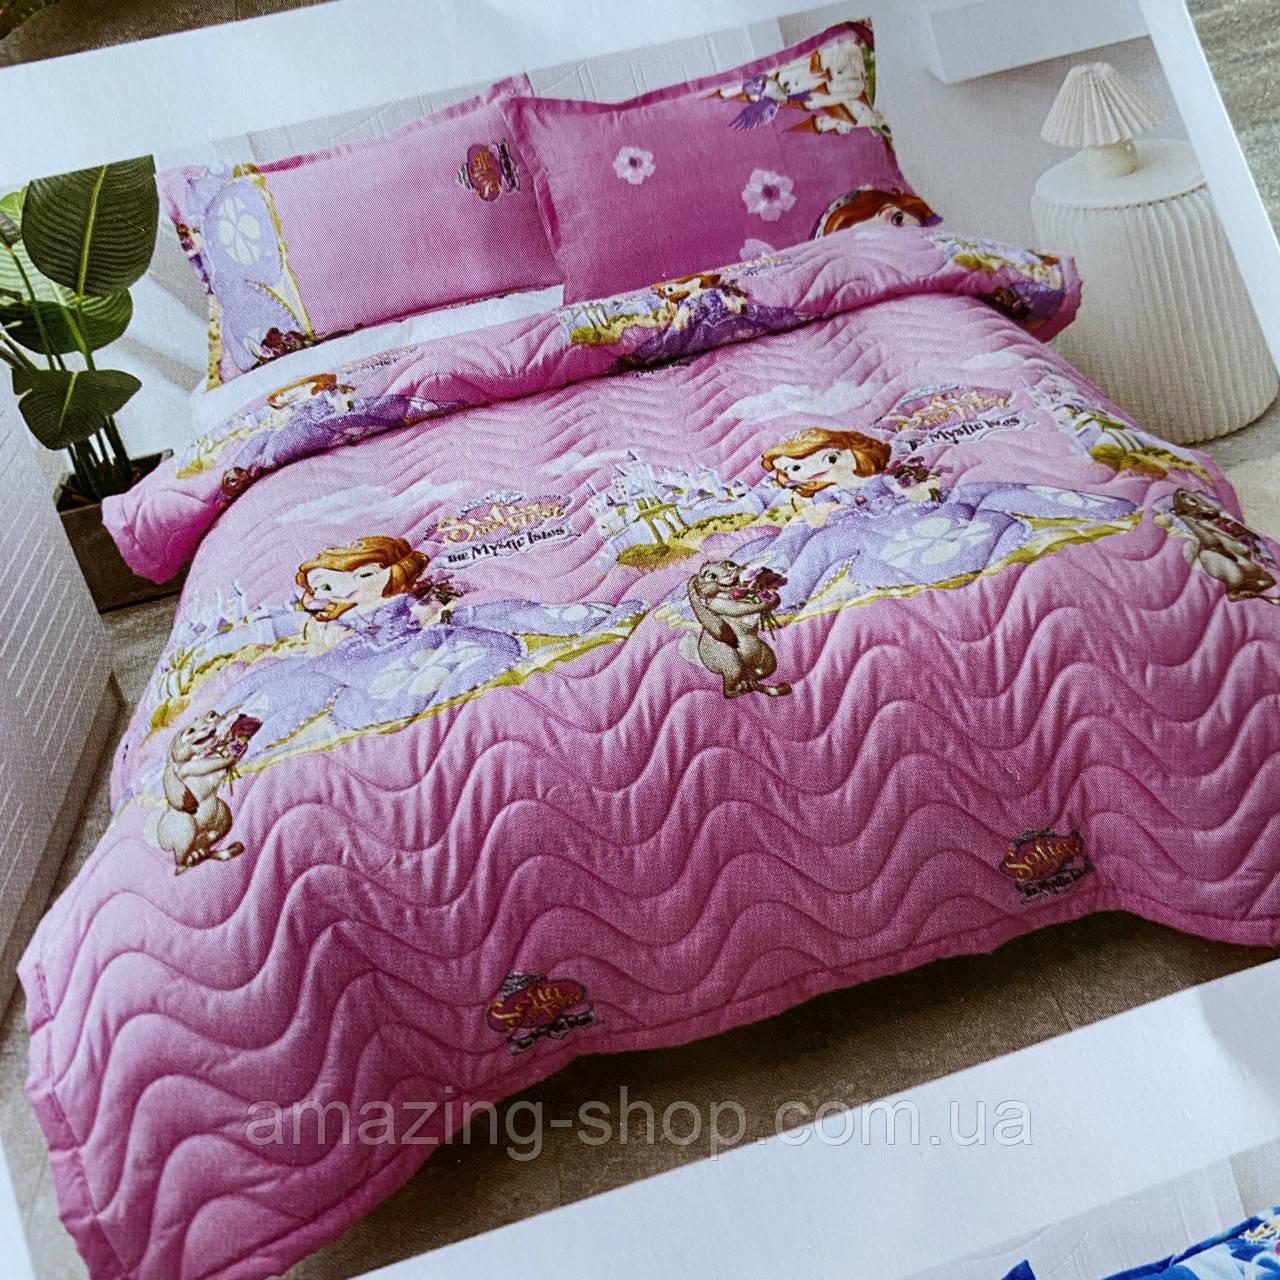 Покрывало с наволочкой 50*70см, одеяло стеганое на кровать или диван Koloco 160*210см Размер Полуторный